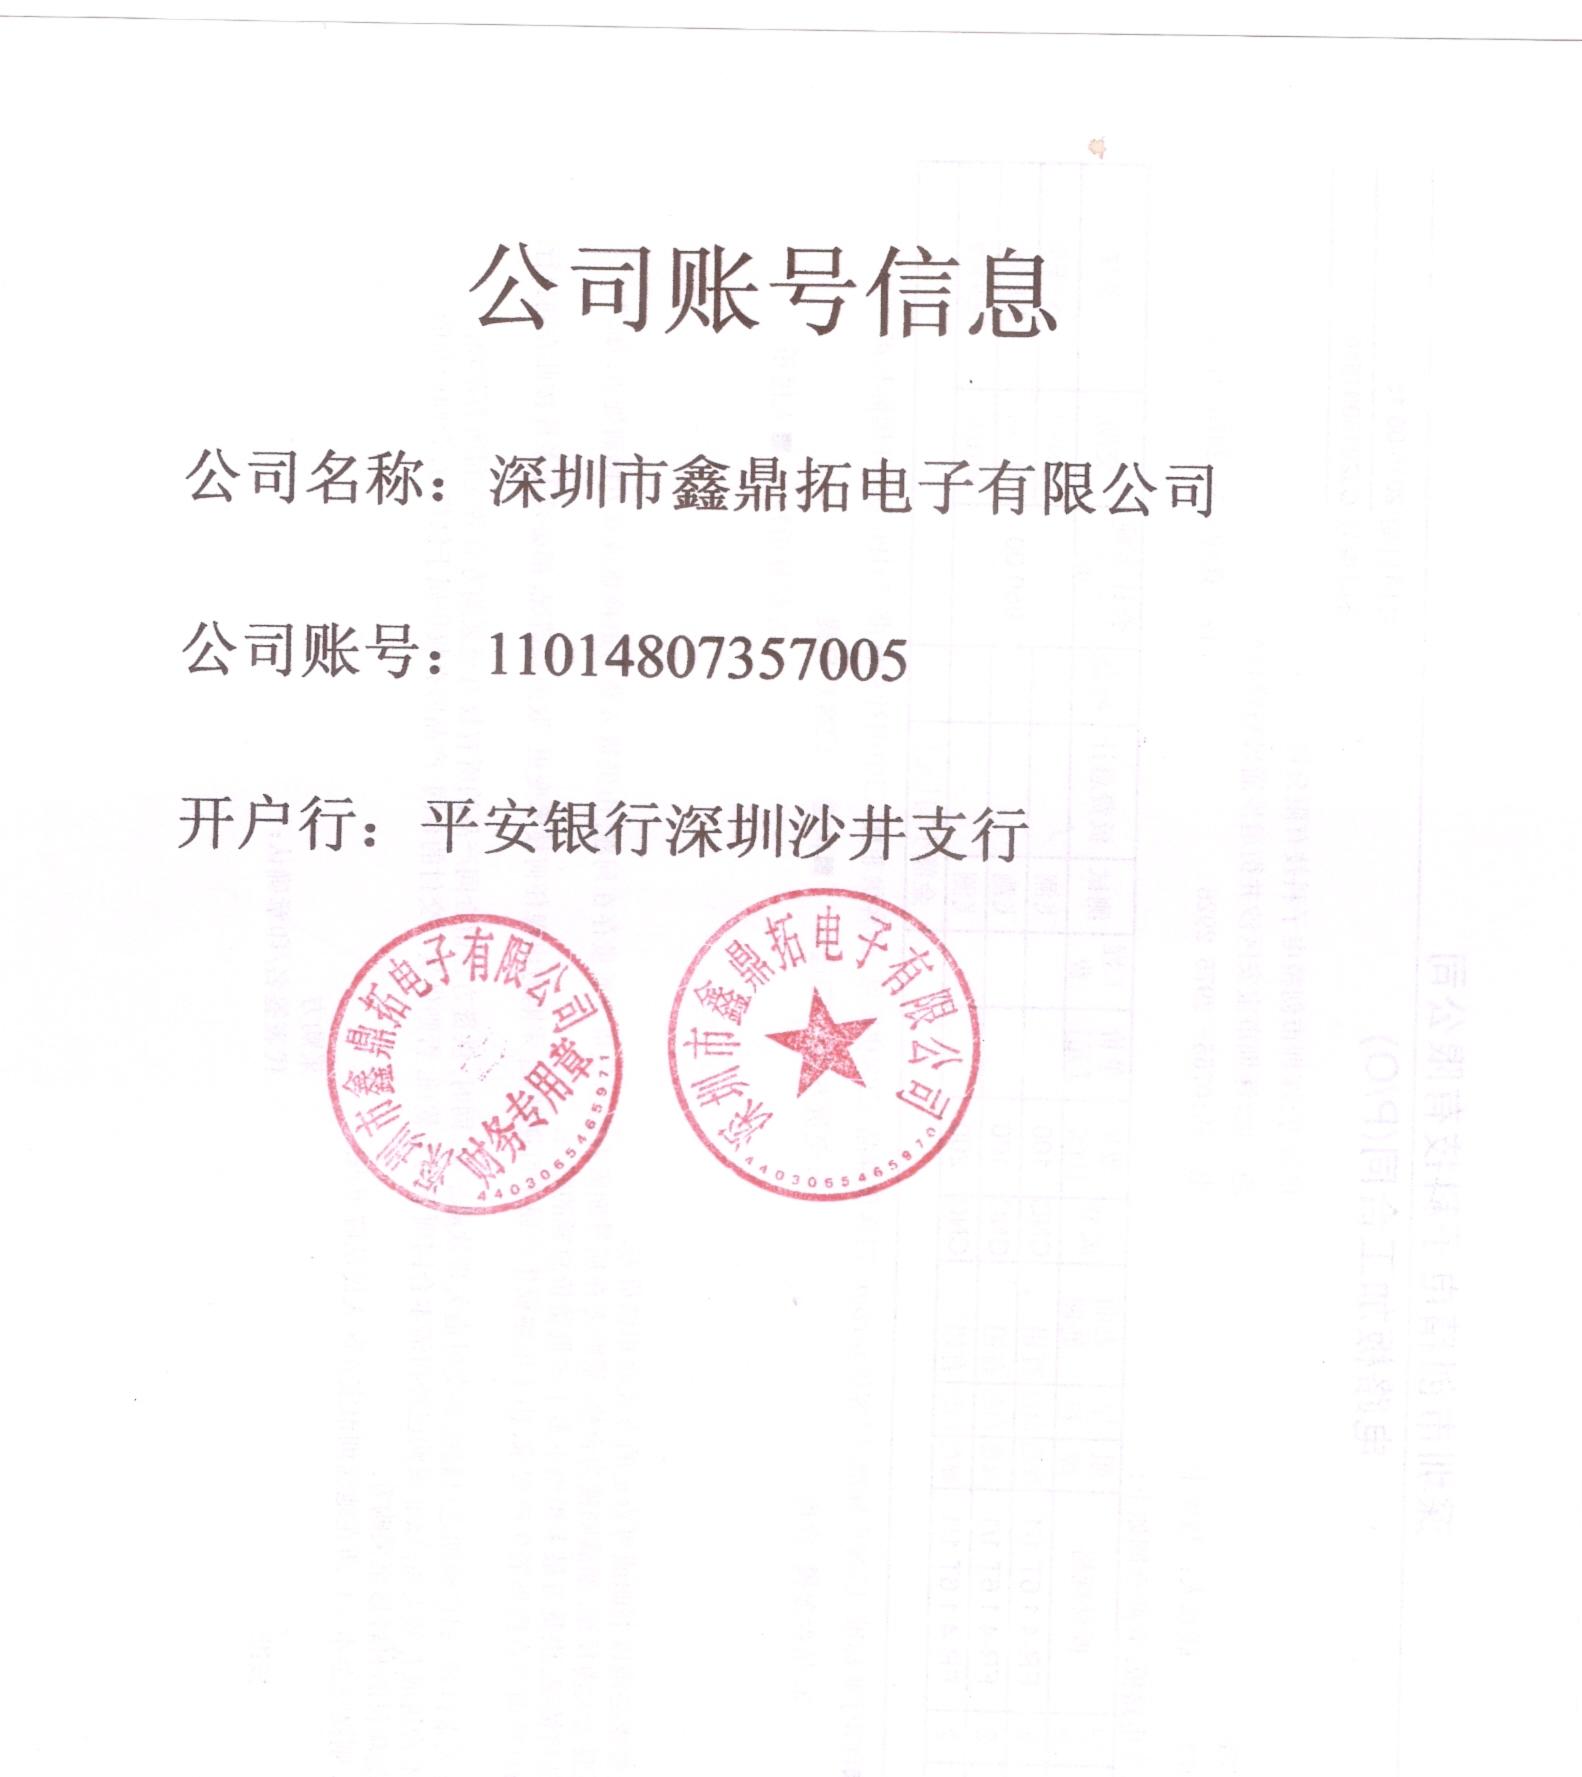 榮譽證書-公司賬號